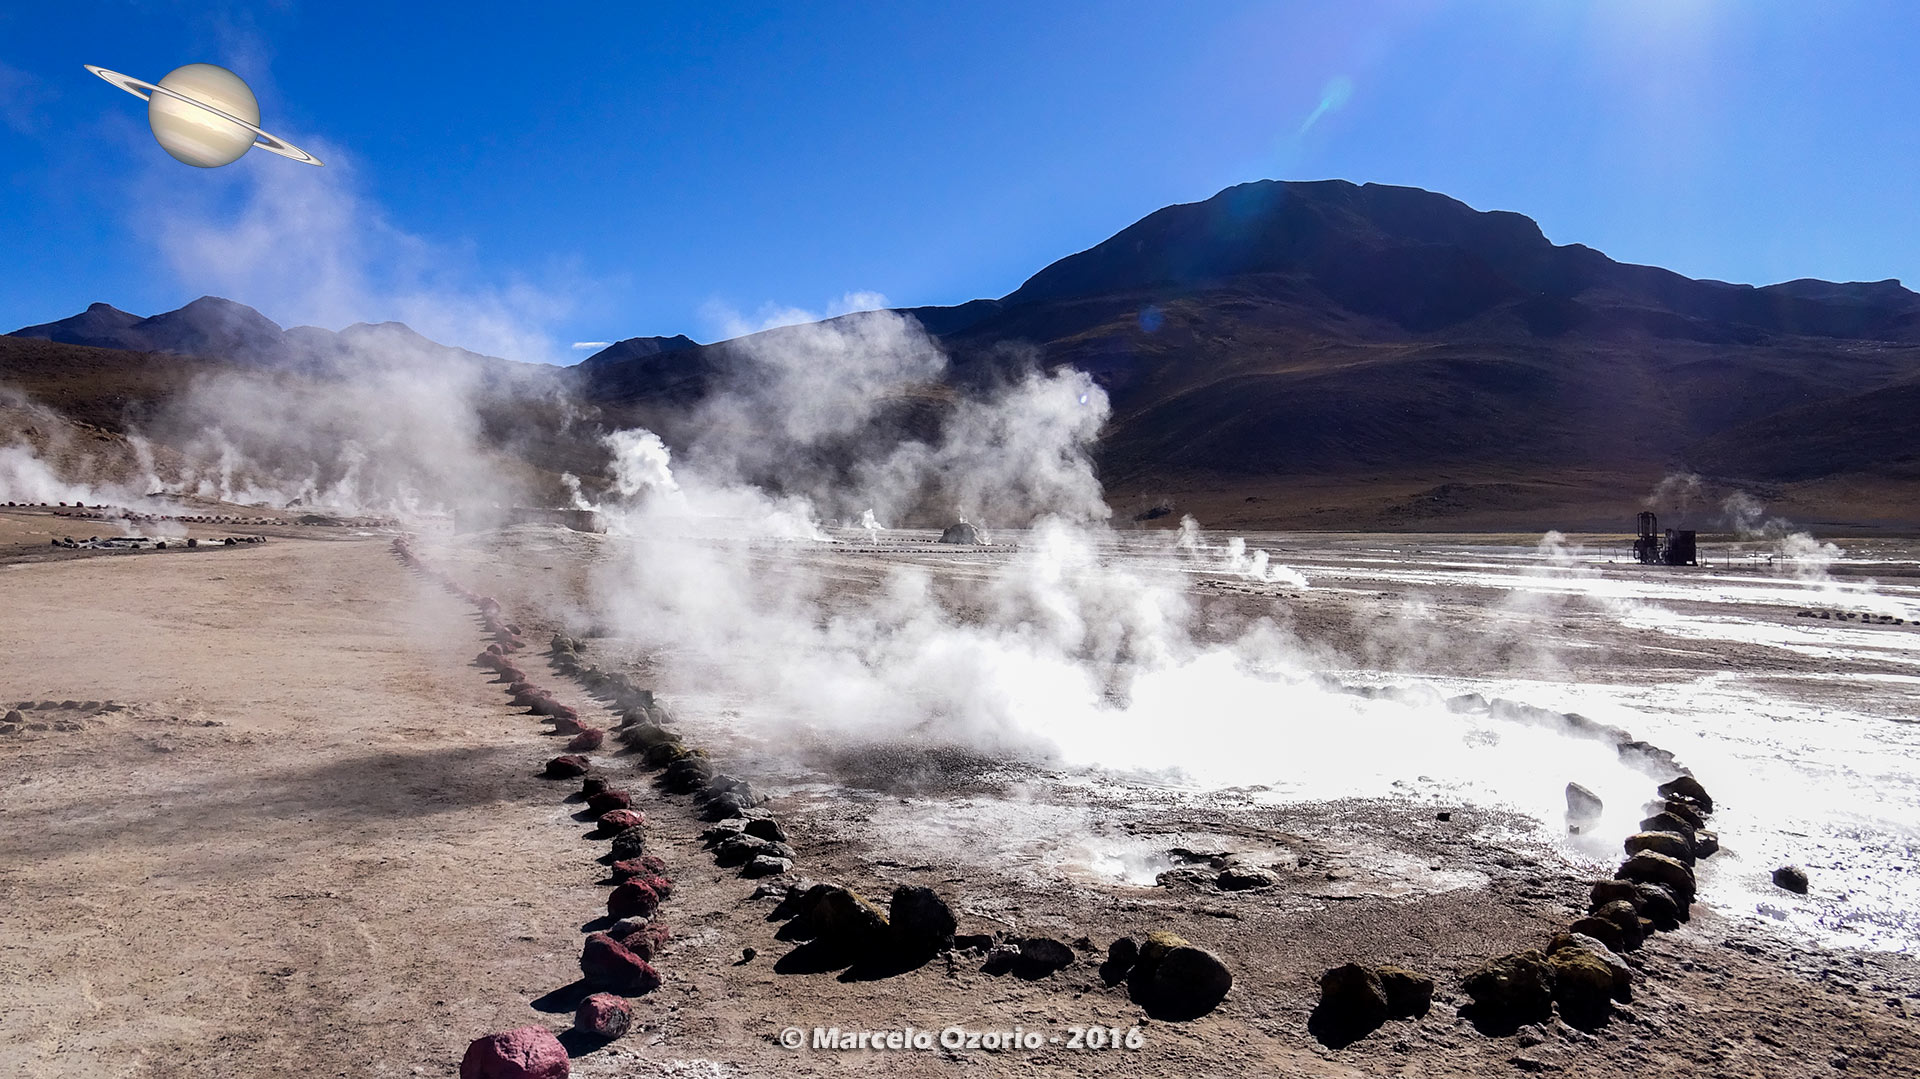 el tatio geysers atacama desert 32 - The Surreal El Tatio Geysers - Atacama Desert - Chile